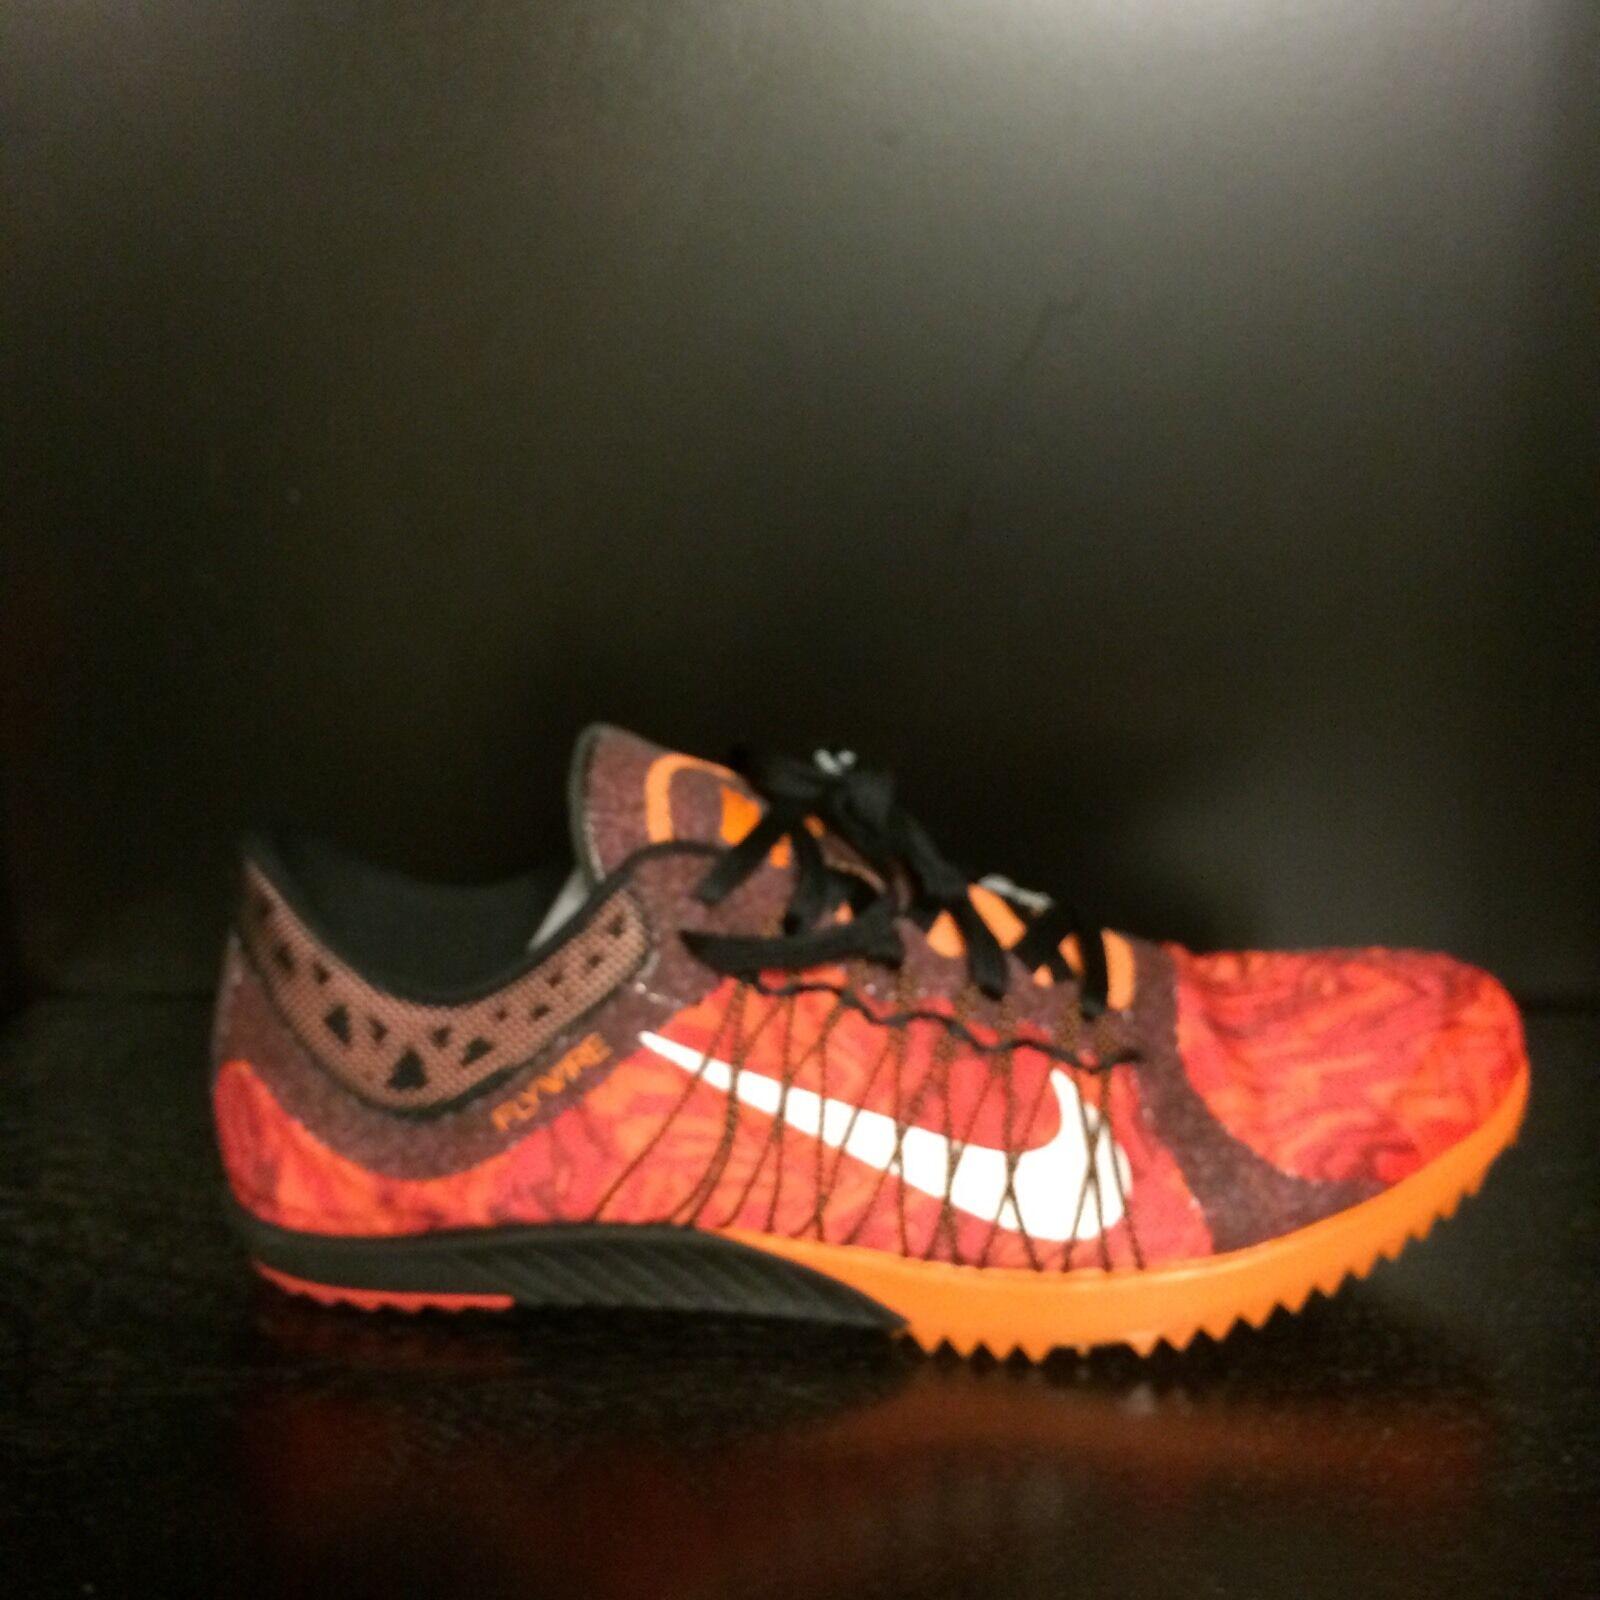 Nike Zoom Victory XC 3 Running Track Shoes 654693-818 Mens Sz 12 NIB $120